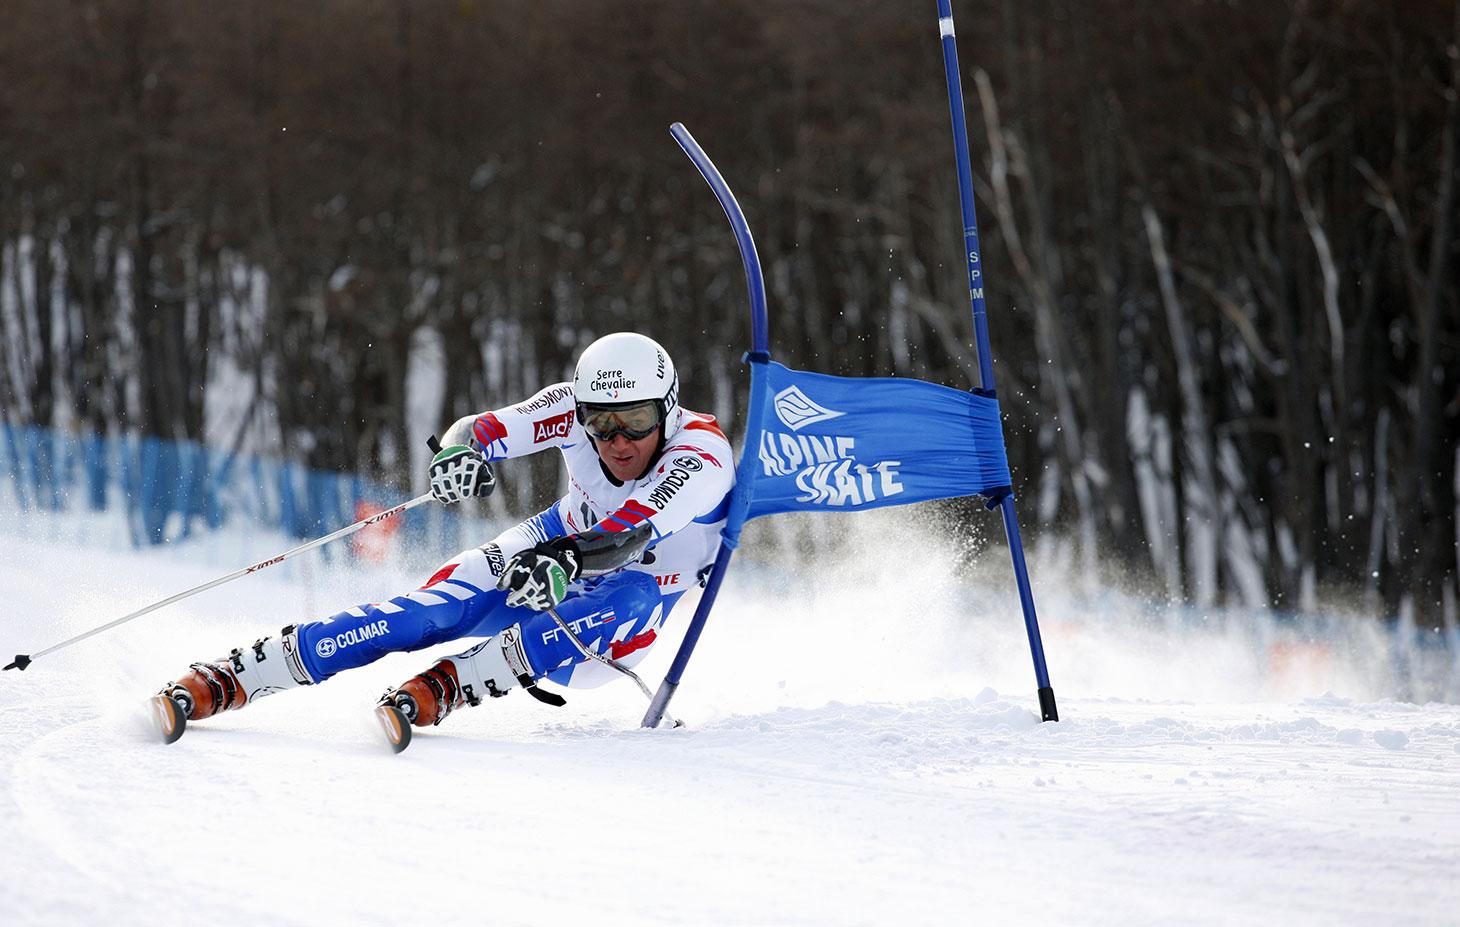 Skieur lors d'une compétition de slalom. Crédits Fondation UGA